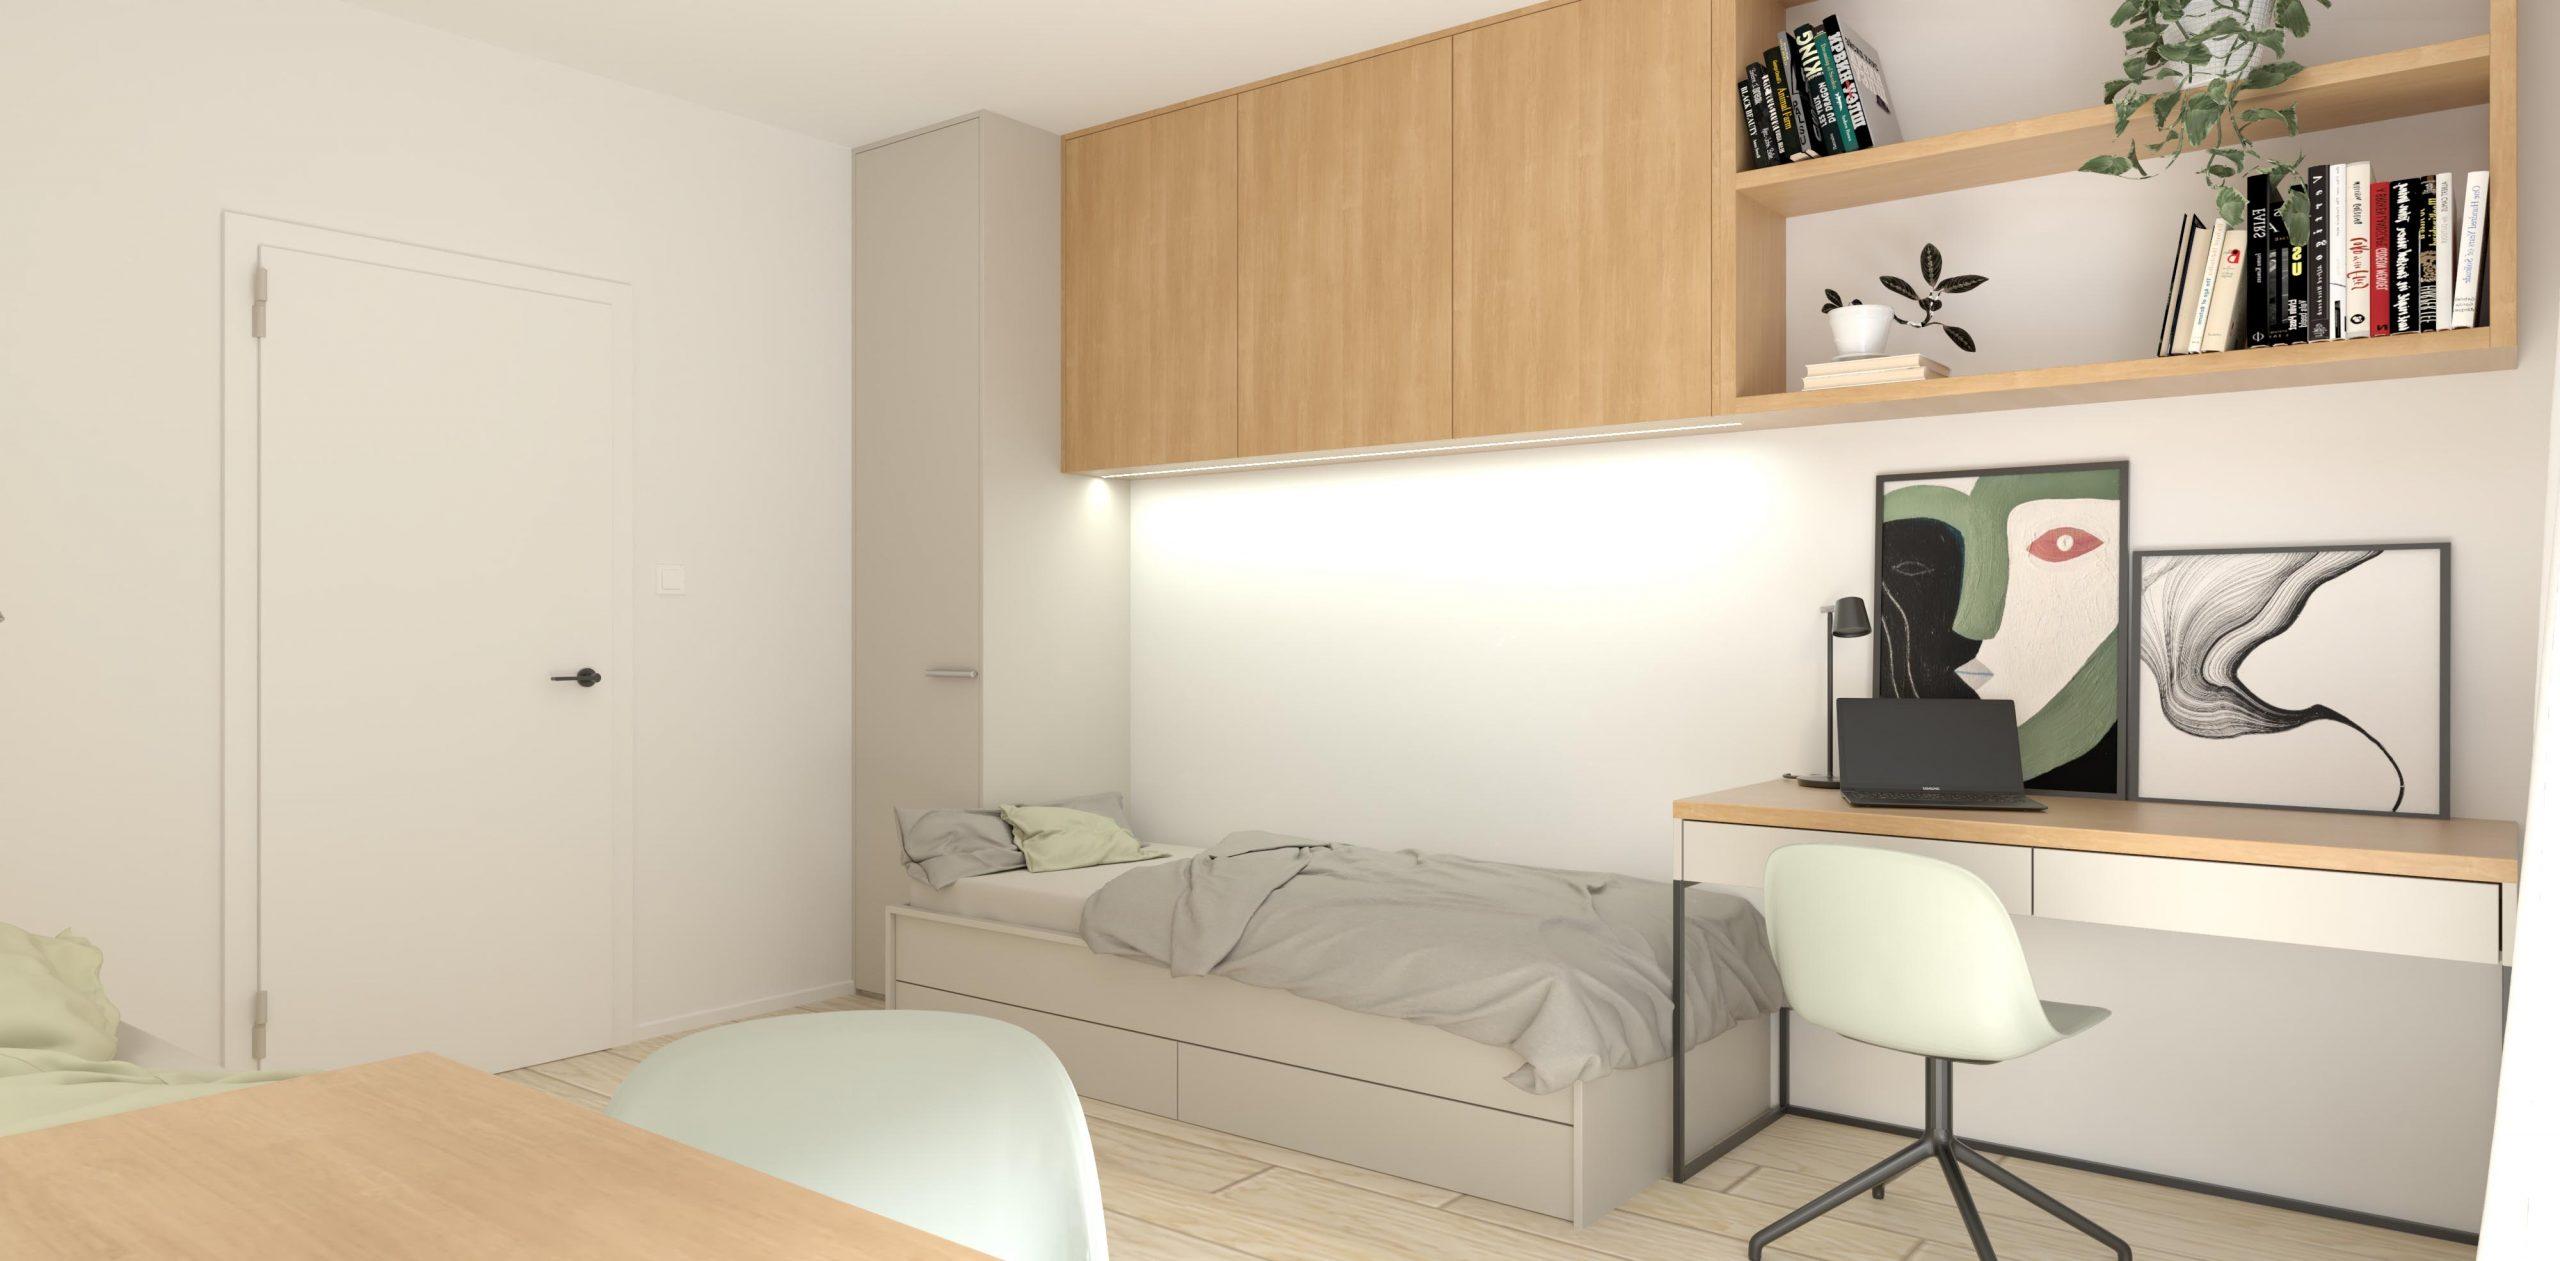 Návrh na mieru 3 izbového bytu v Beluši (Beluša)